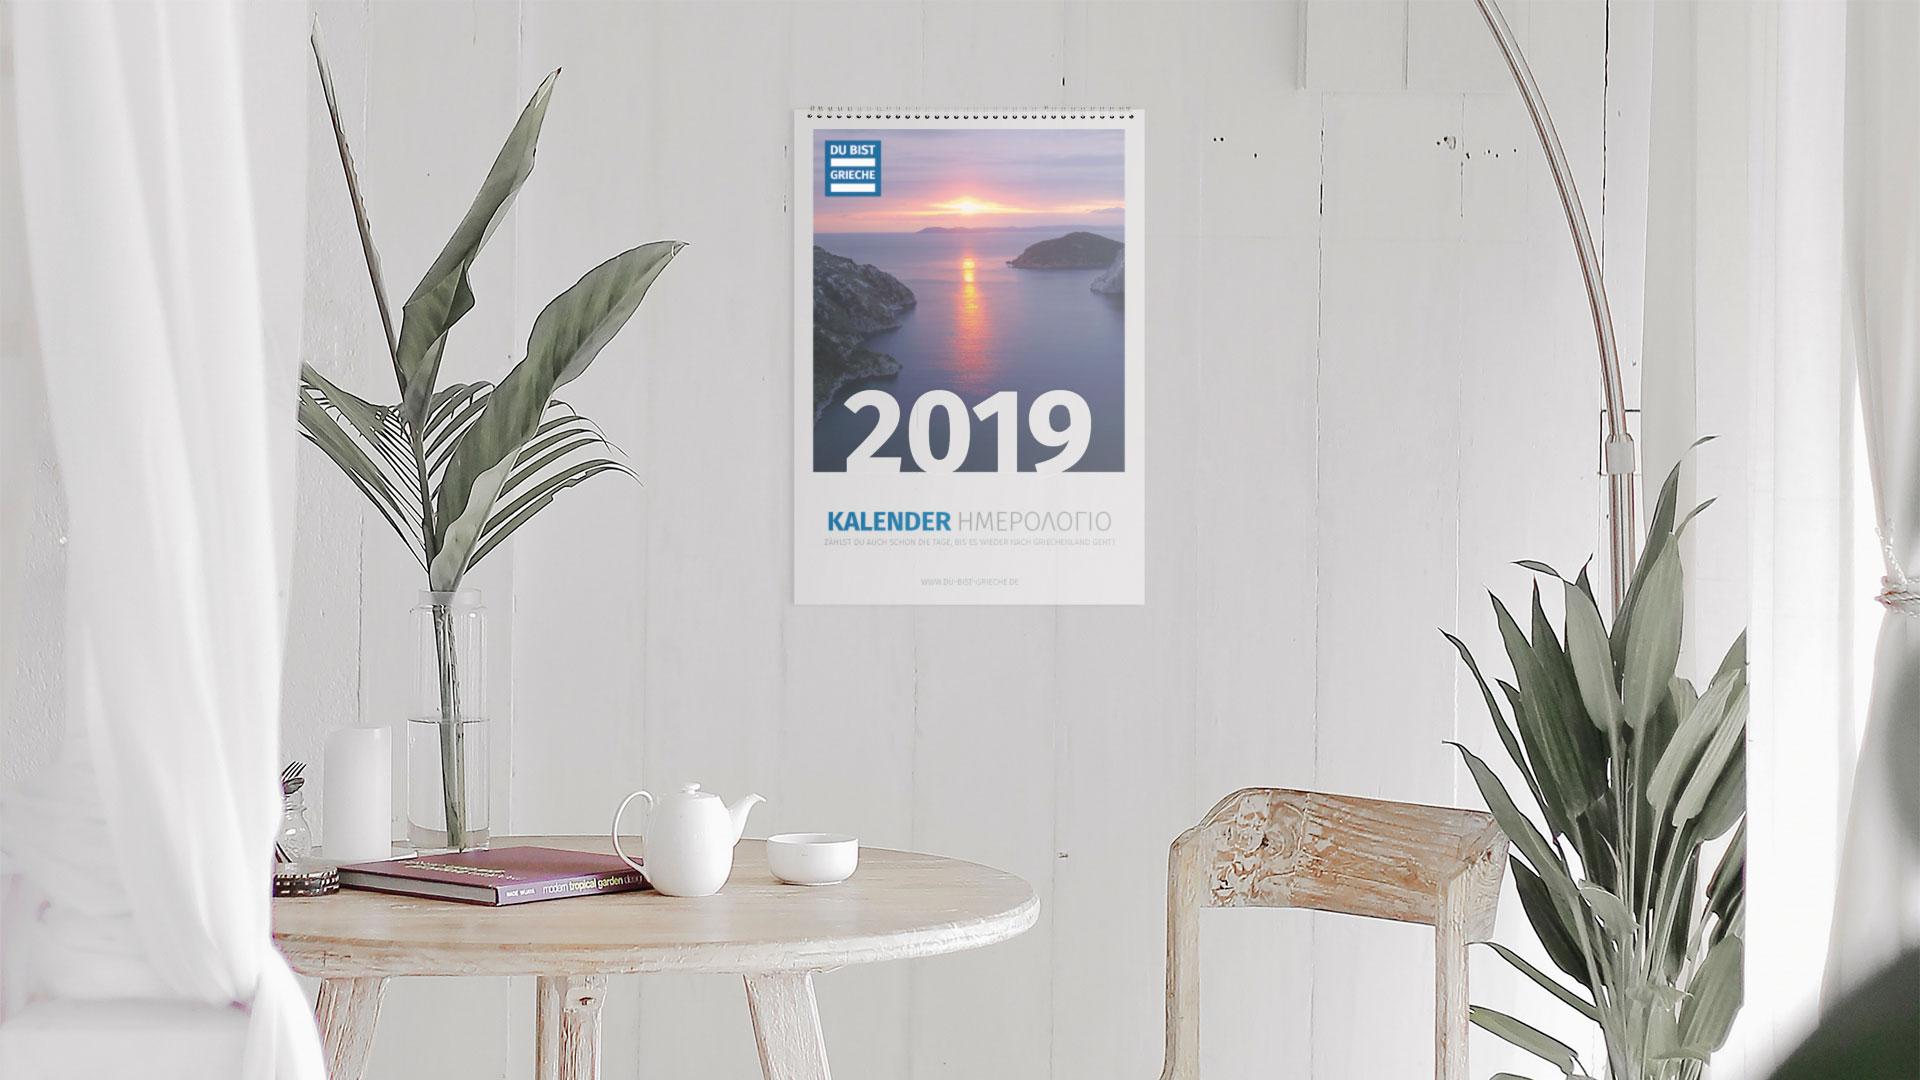 du bist grieche kalender 2019 titelbild